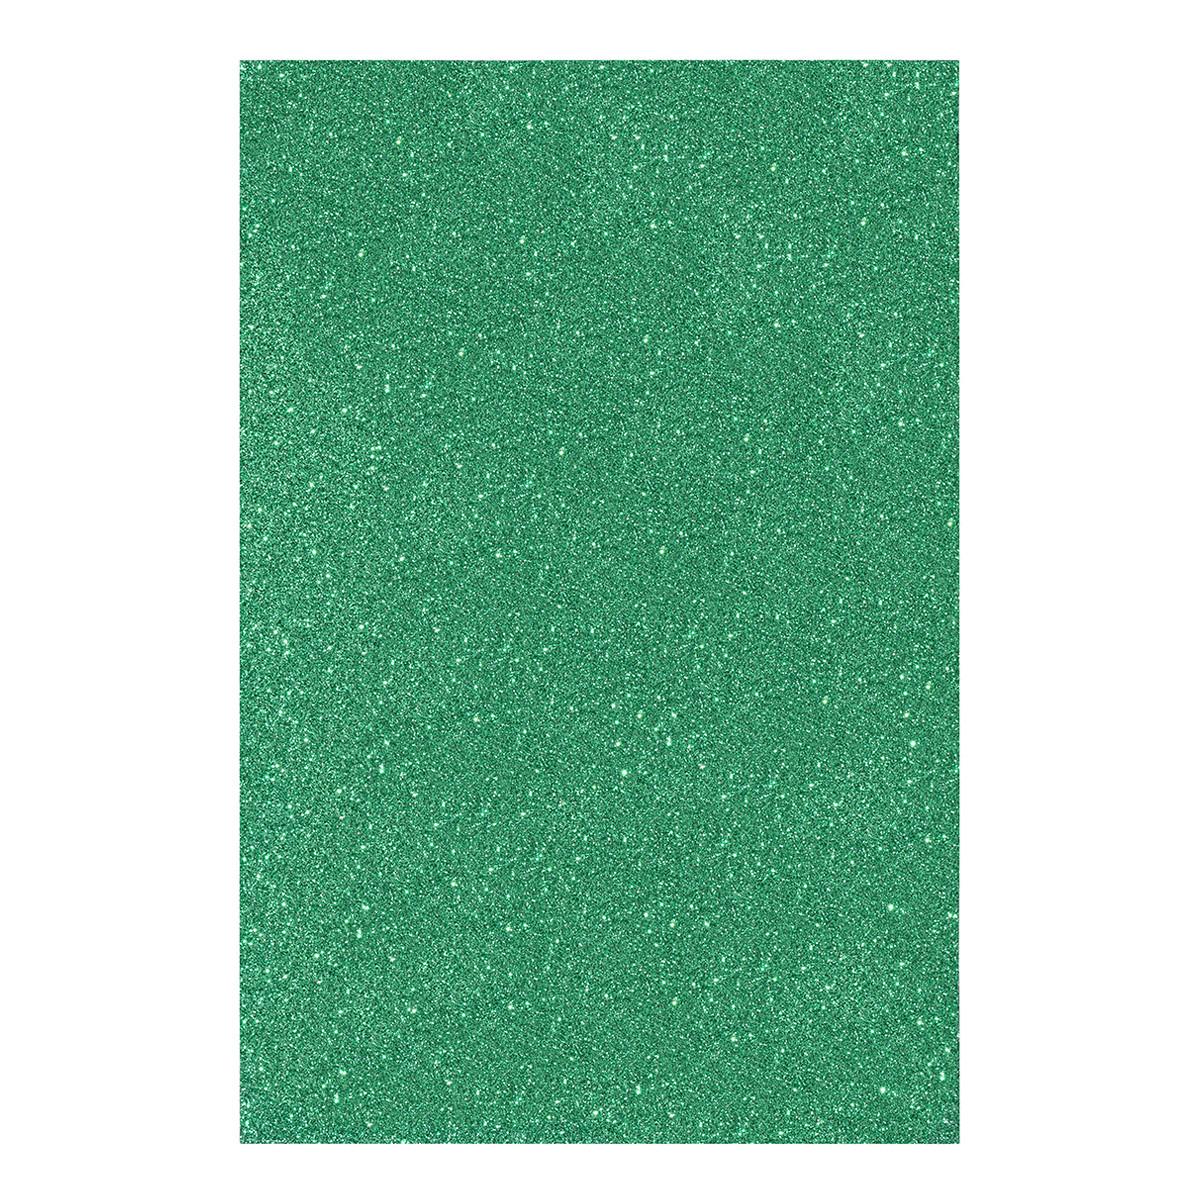 Фоаміран ЕВА яскраво-зелений з глітером, з клейовим шаром, 200*300 мм, товщ. 1,7 мм, 10 ар